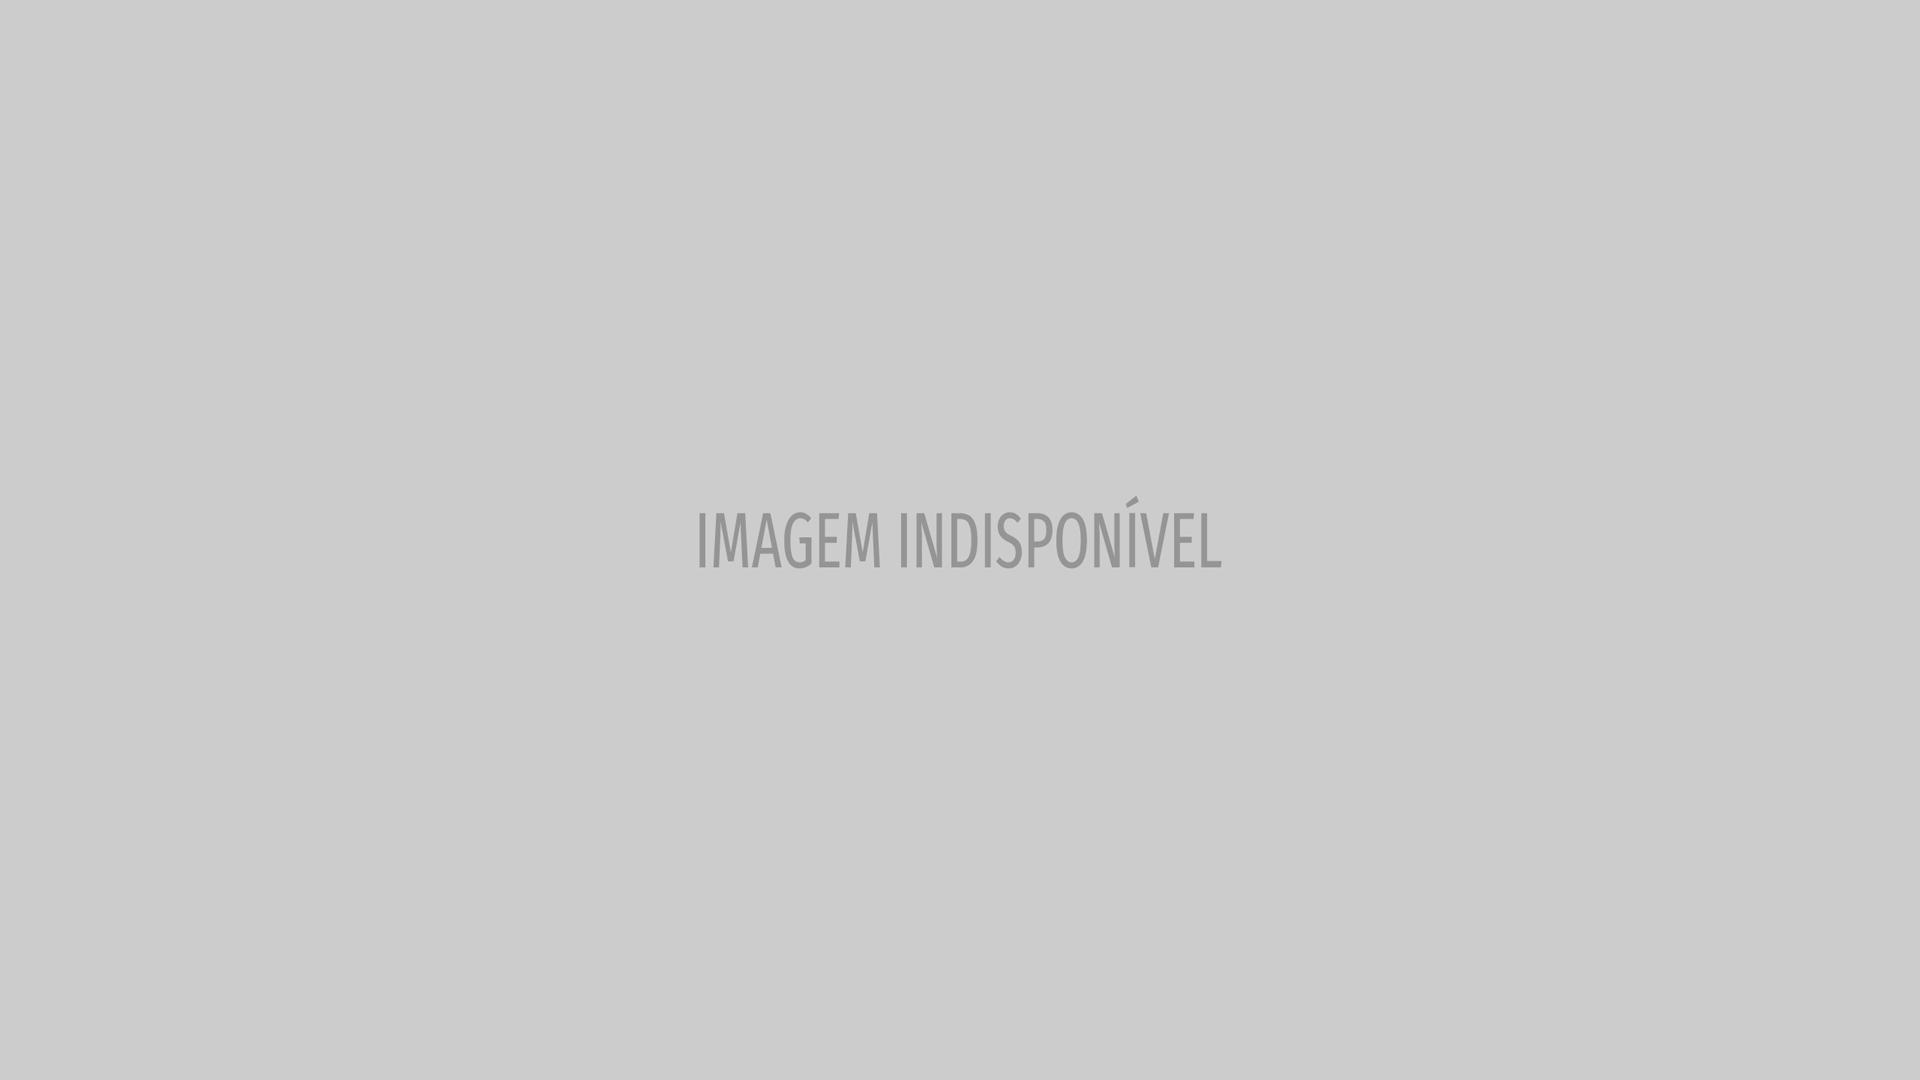 Sofia Ribeiro exibe rabiosque e envia mensagem forte com gesto obsceno